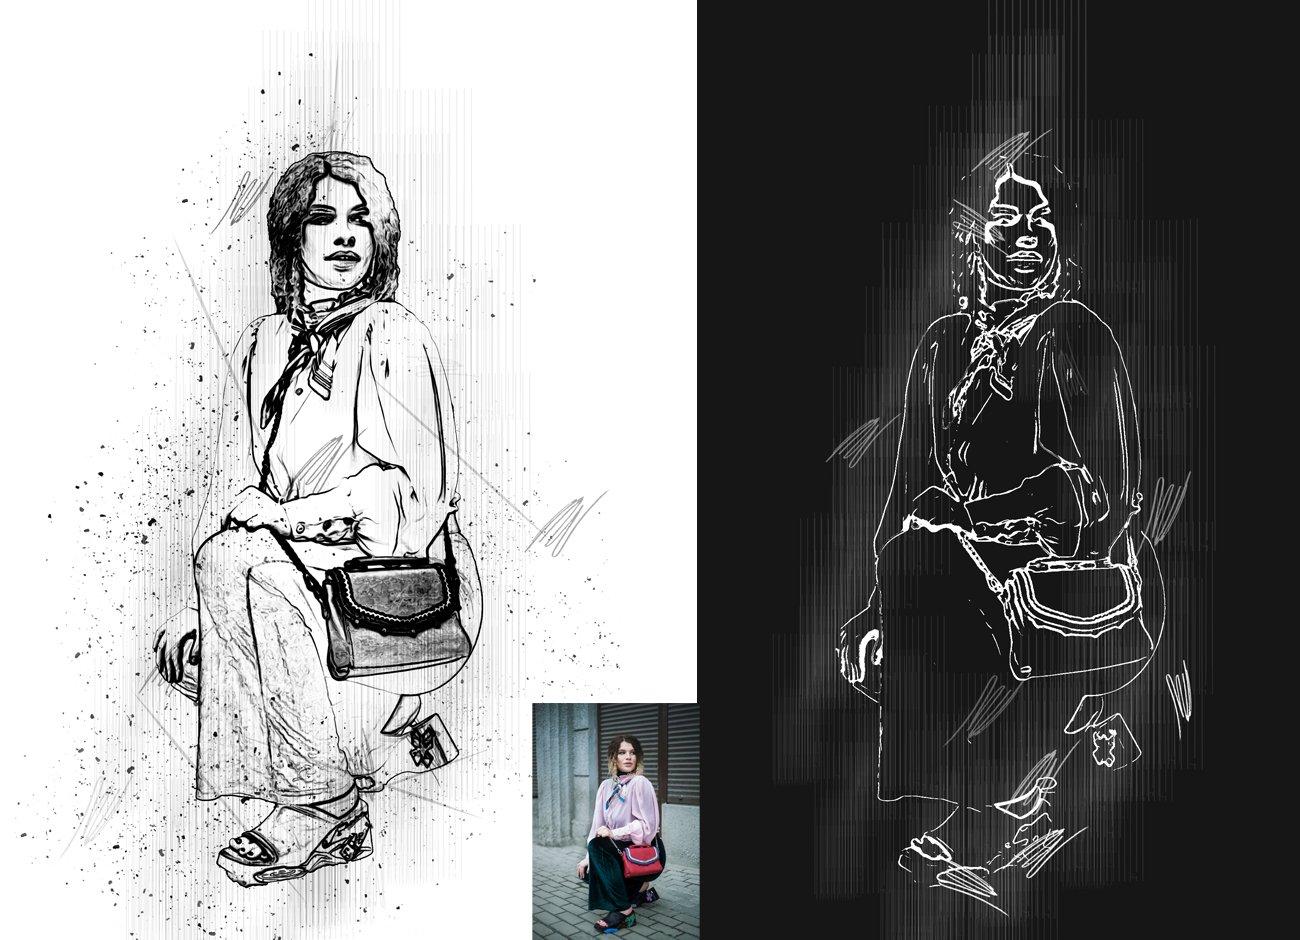 黑白素描艺术画效果照片处理特效PS动作素材 Black & White Sketch PS Action插图5